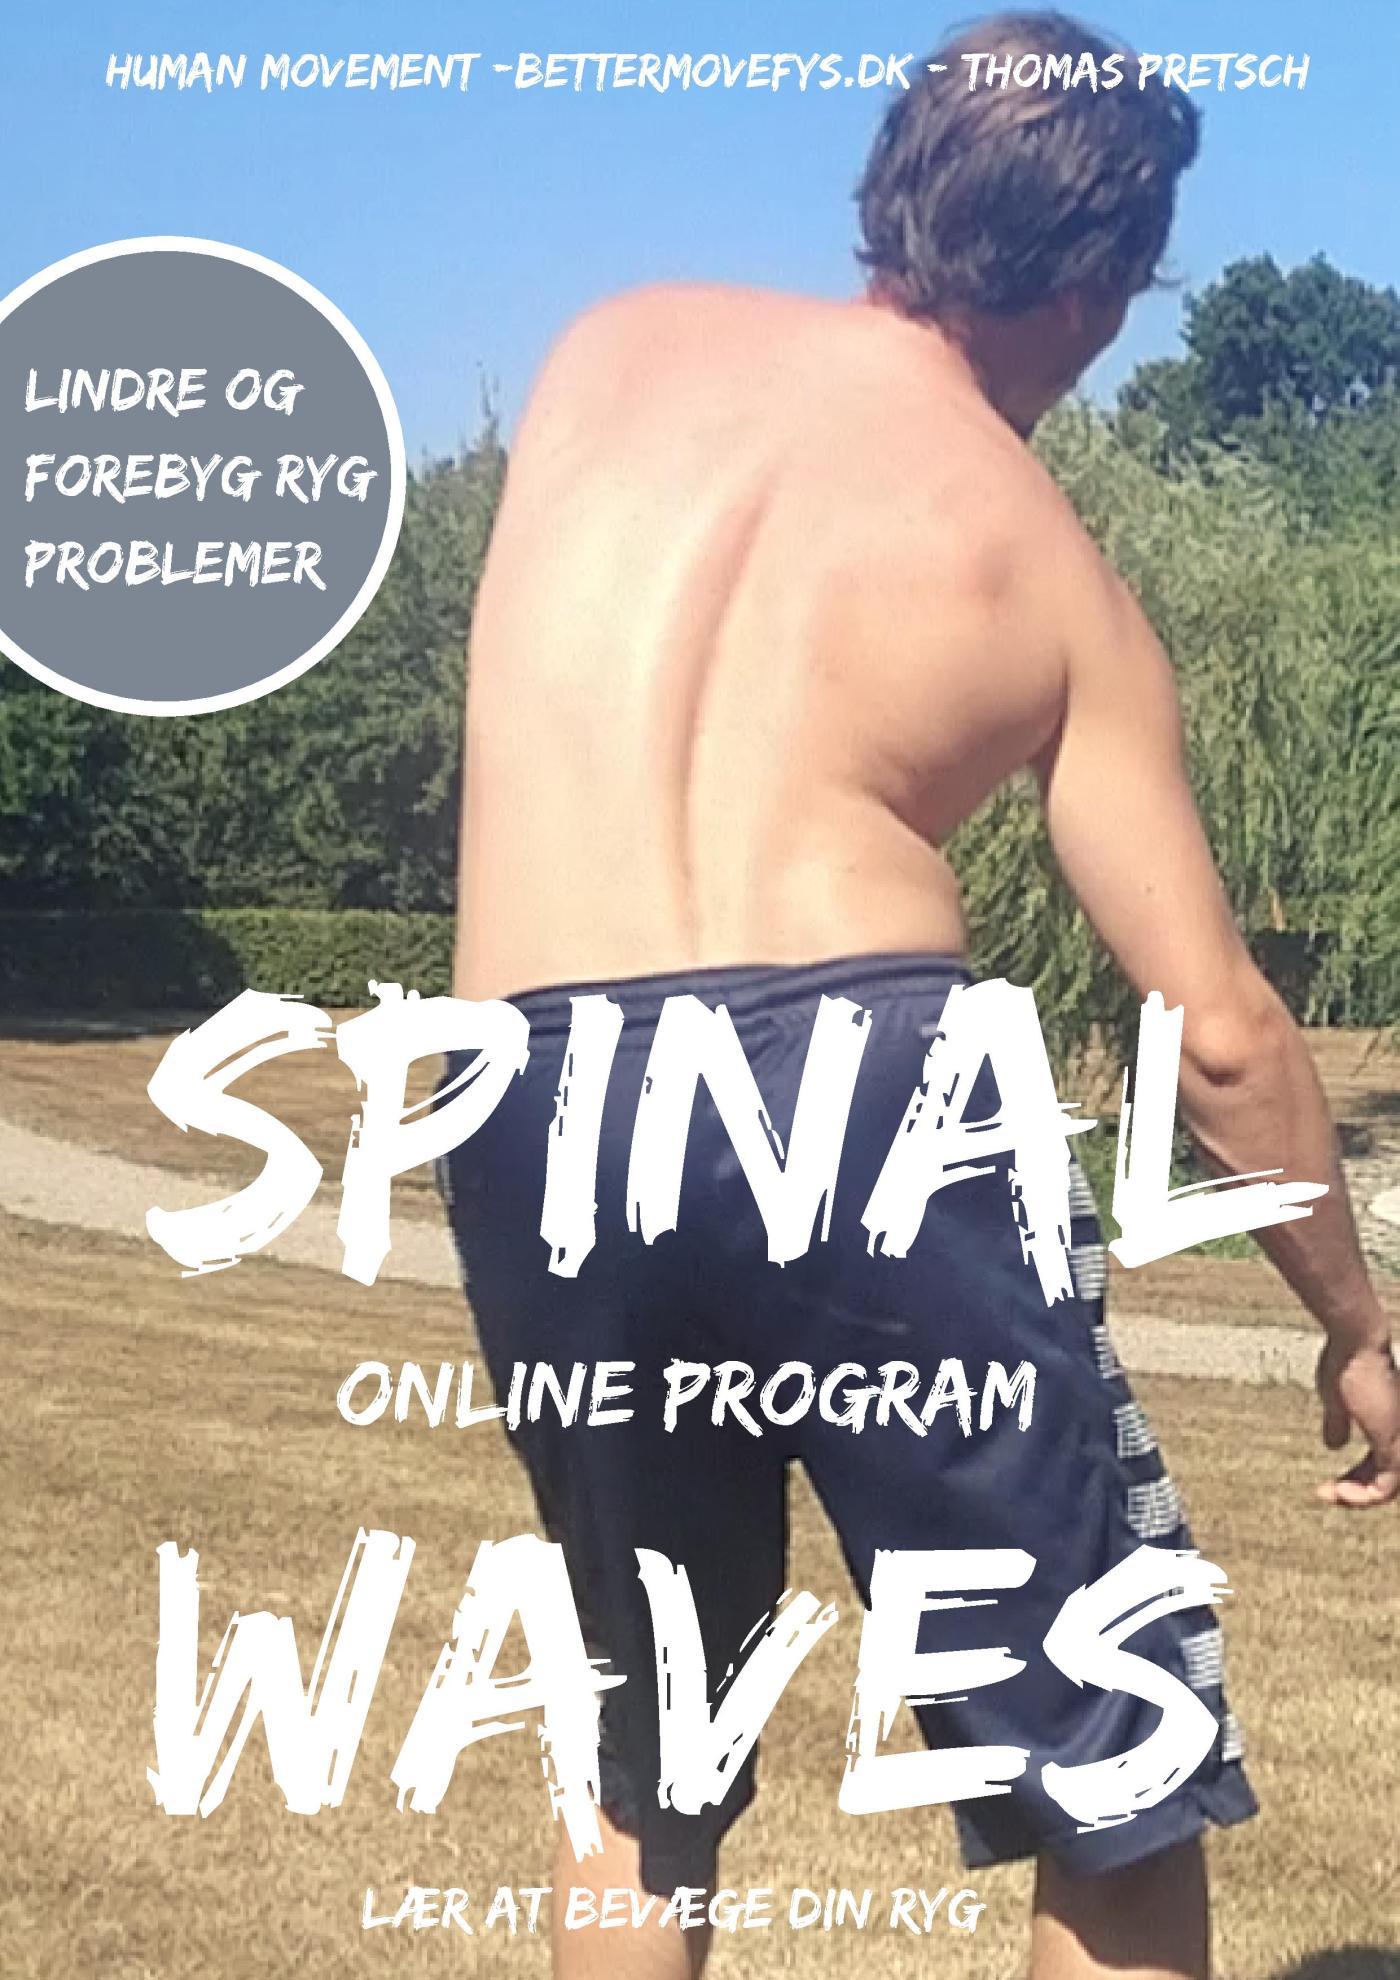 Spinal Waves Online Program